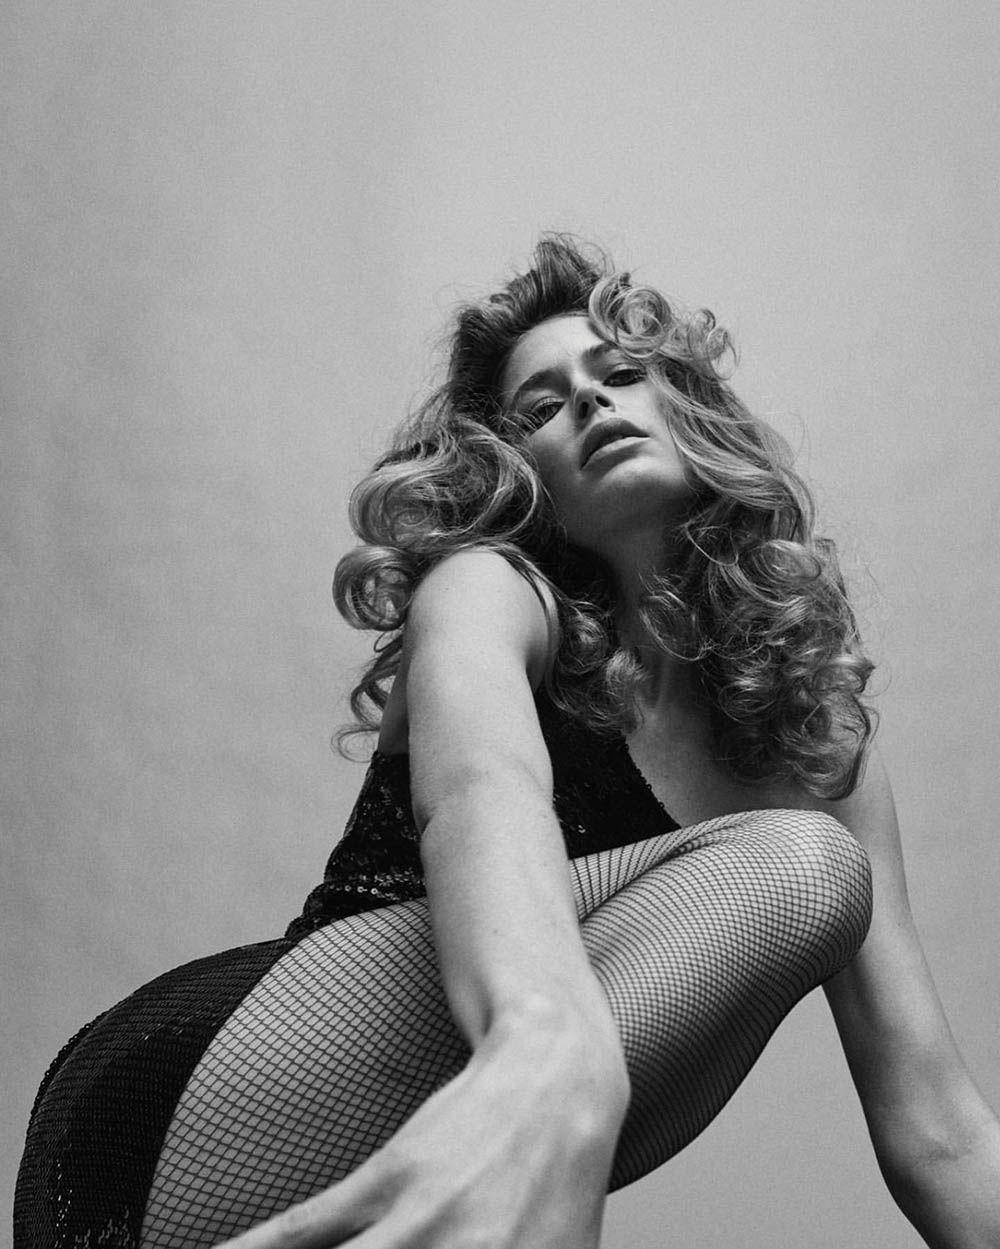 Doutzen Kroes for Vogue Poland June 2019 by Daniel Jackson  #modellingphotography